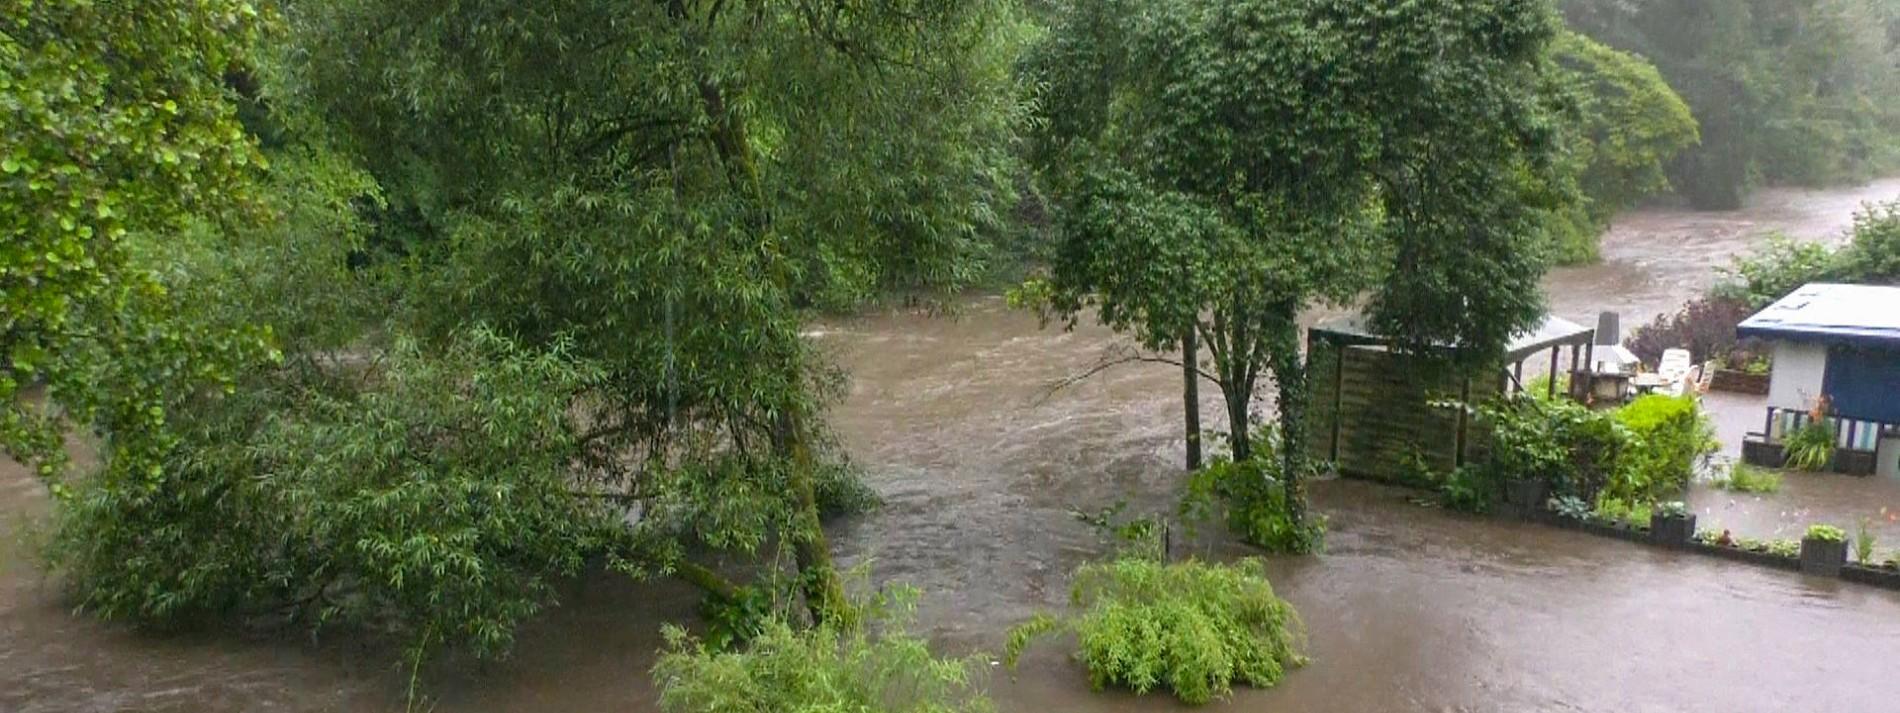 Dämme von Talsperren wegen Hochwasser unter Druck